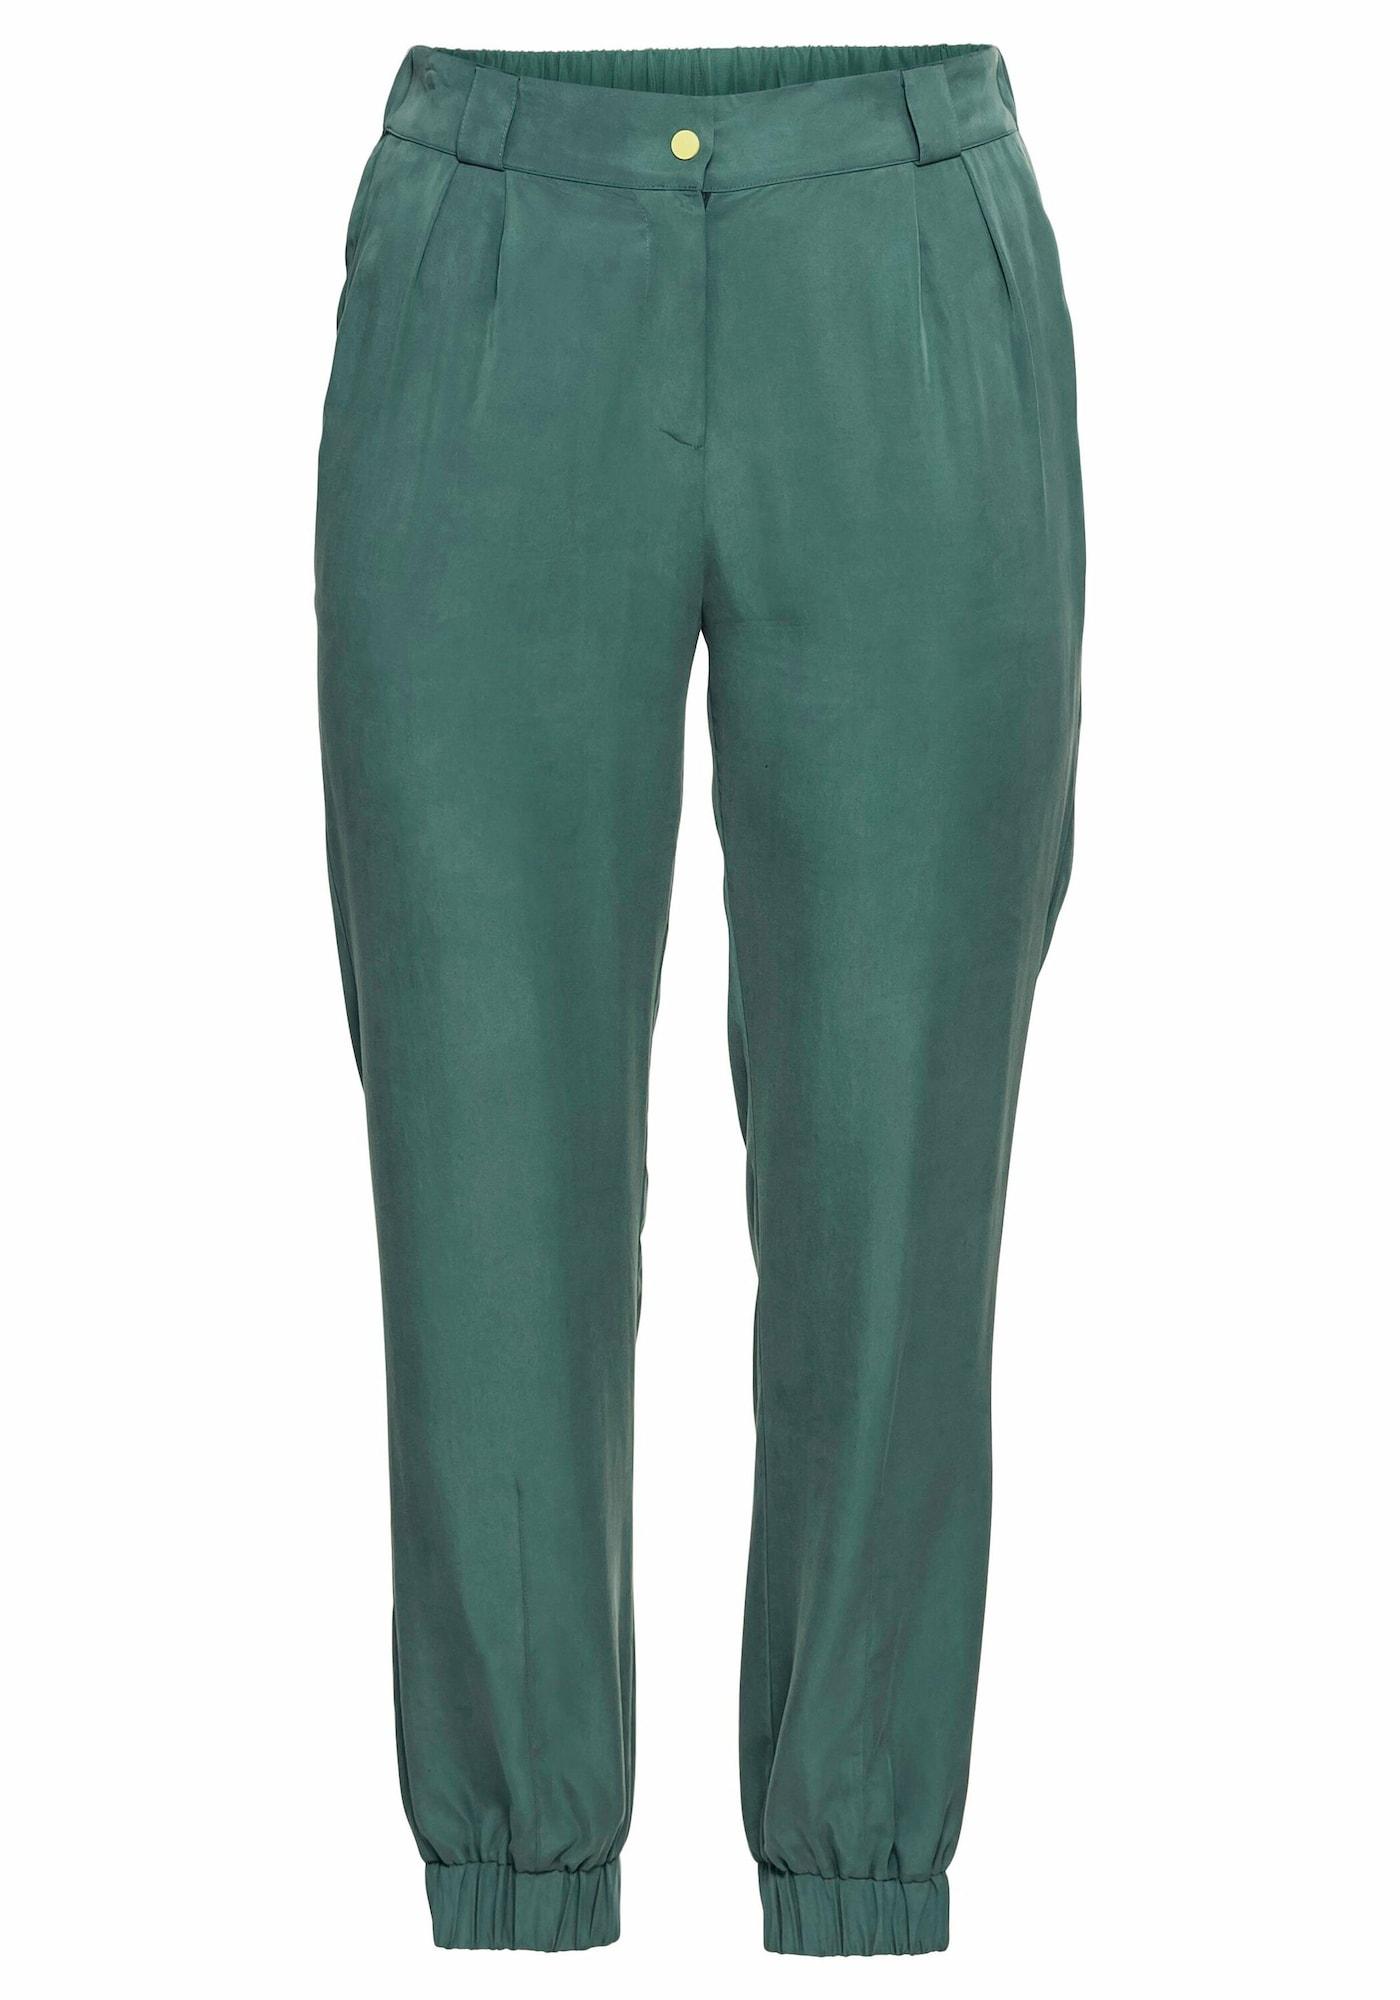 SHEEGO Kelnės žalia